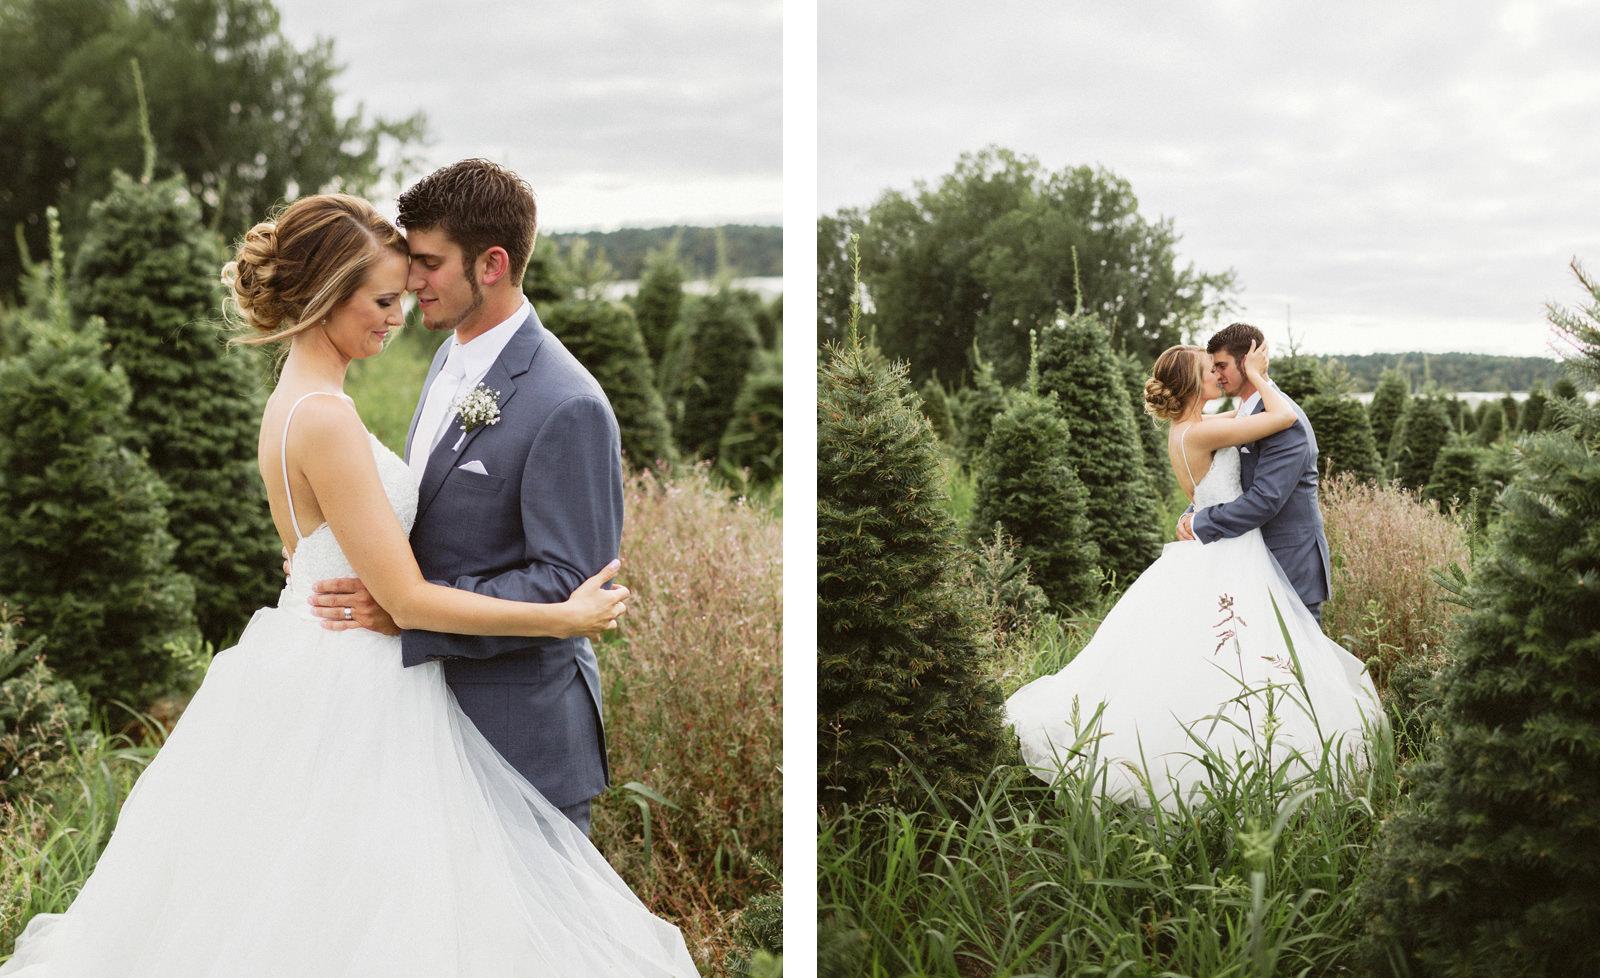 jacobregan-blog-41 SCHILLER FAMILY FARM WEDDING